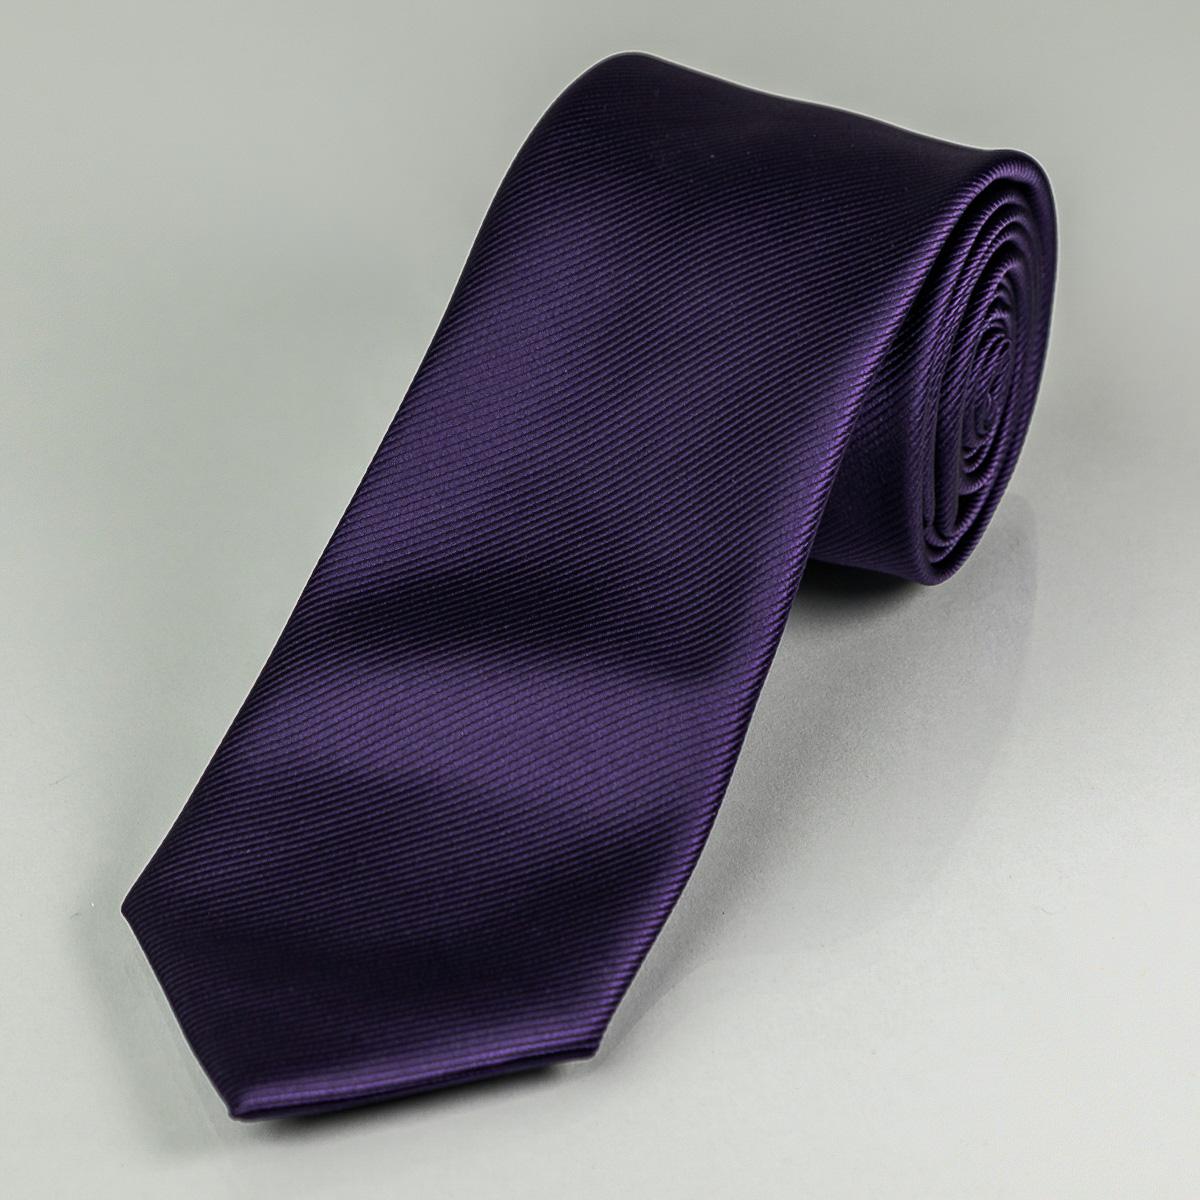 Kravata pánská AMJ proužkovaná KU0019, tmavě fialová